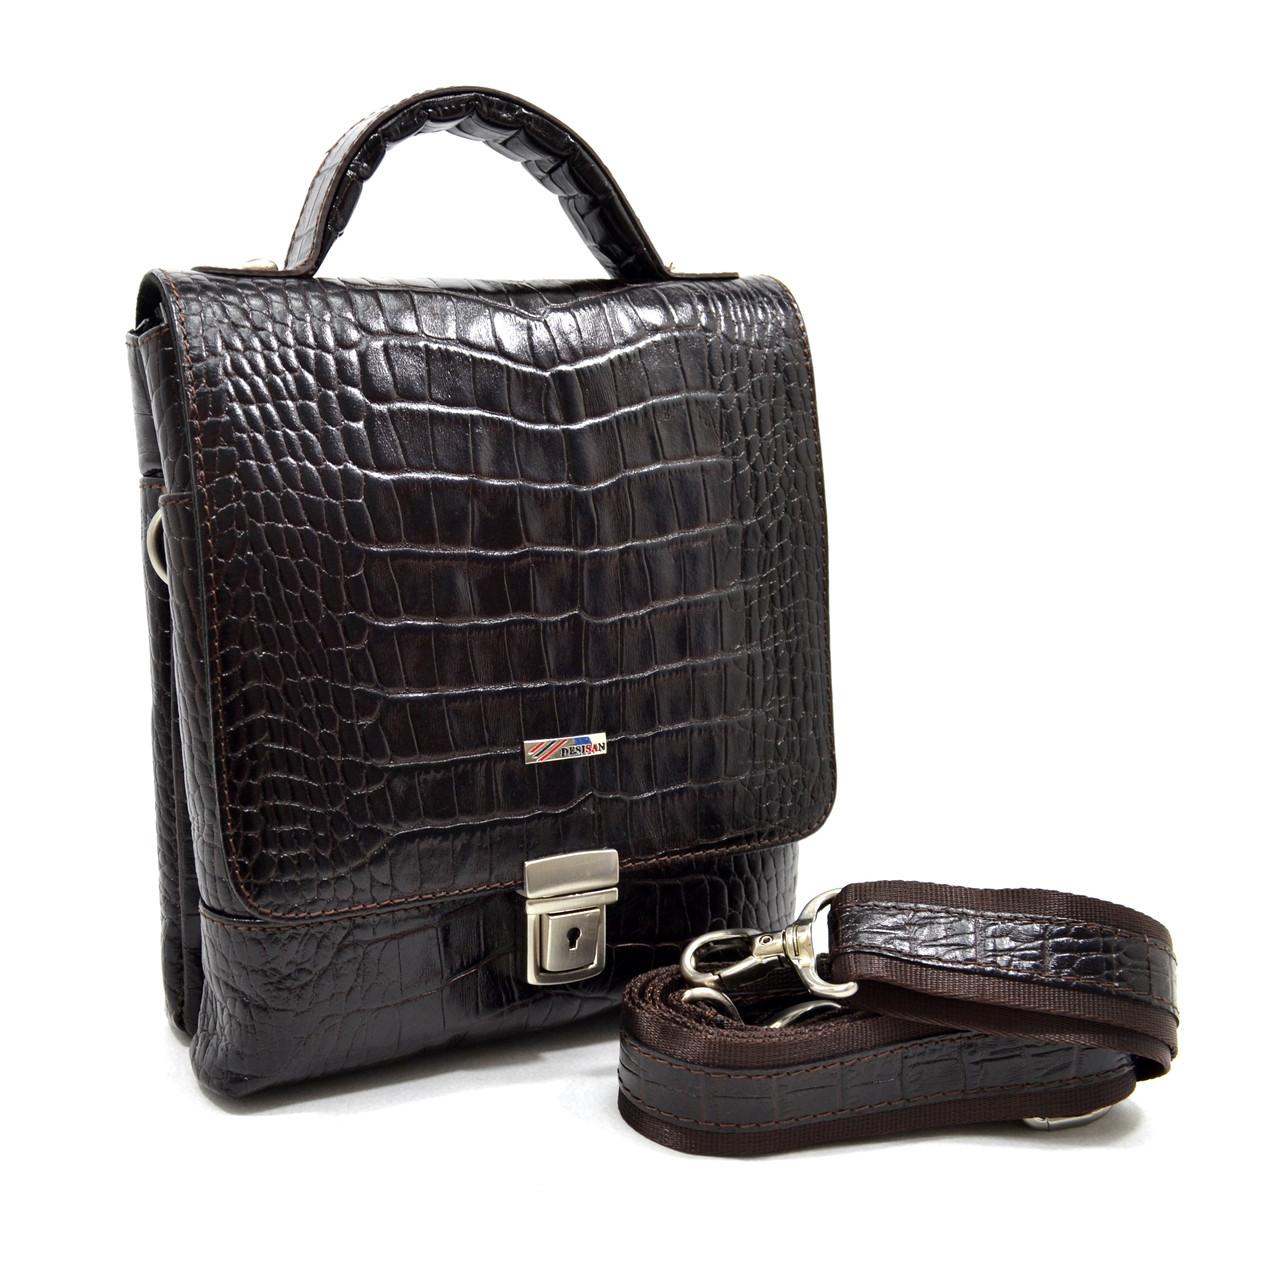 d5daf32cf90f Мужская кожаная сумка-барсетка Desisan от интернет-магазина